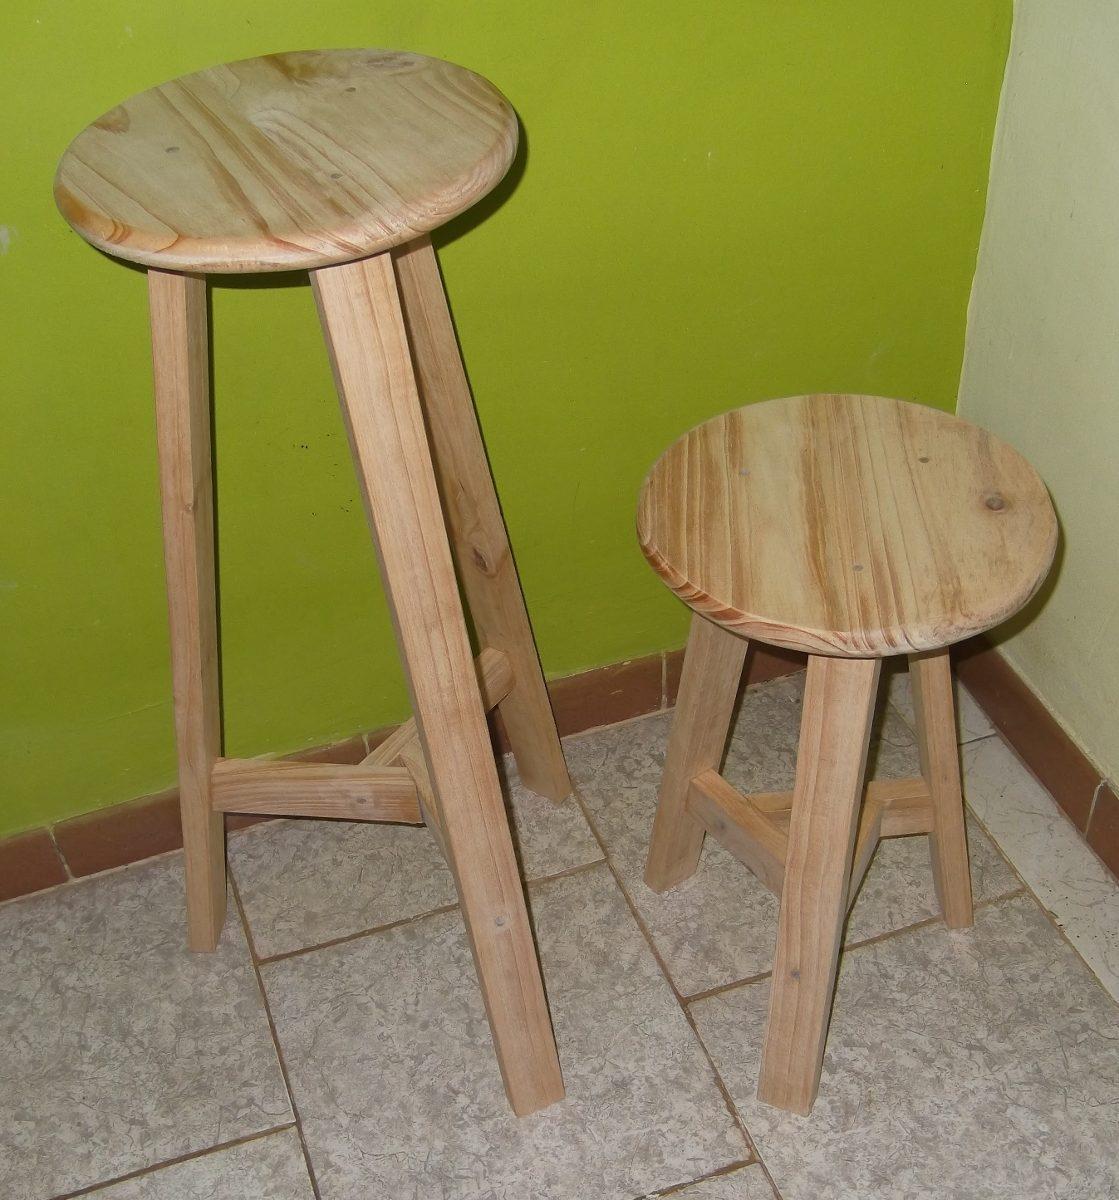 Banco banquito madera de pino cocina barra bar bs - Madera de pino ...